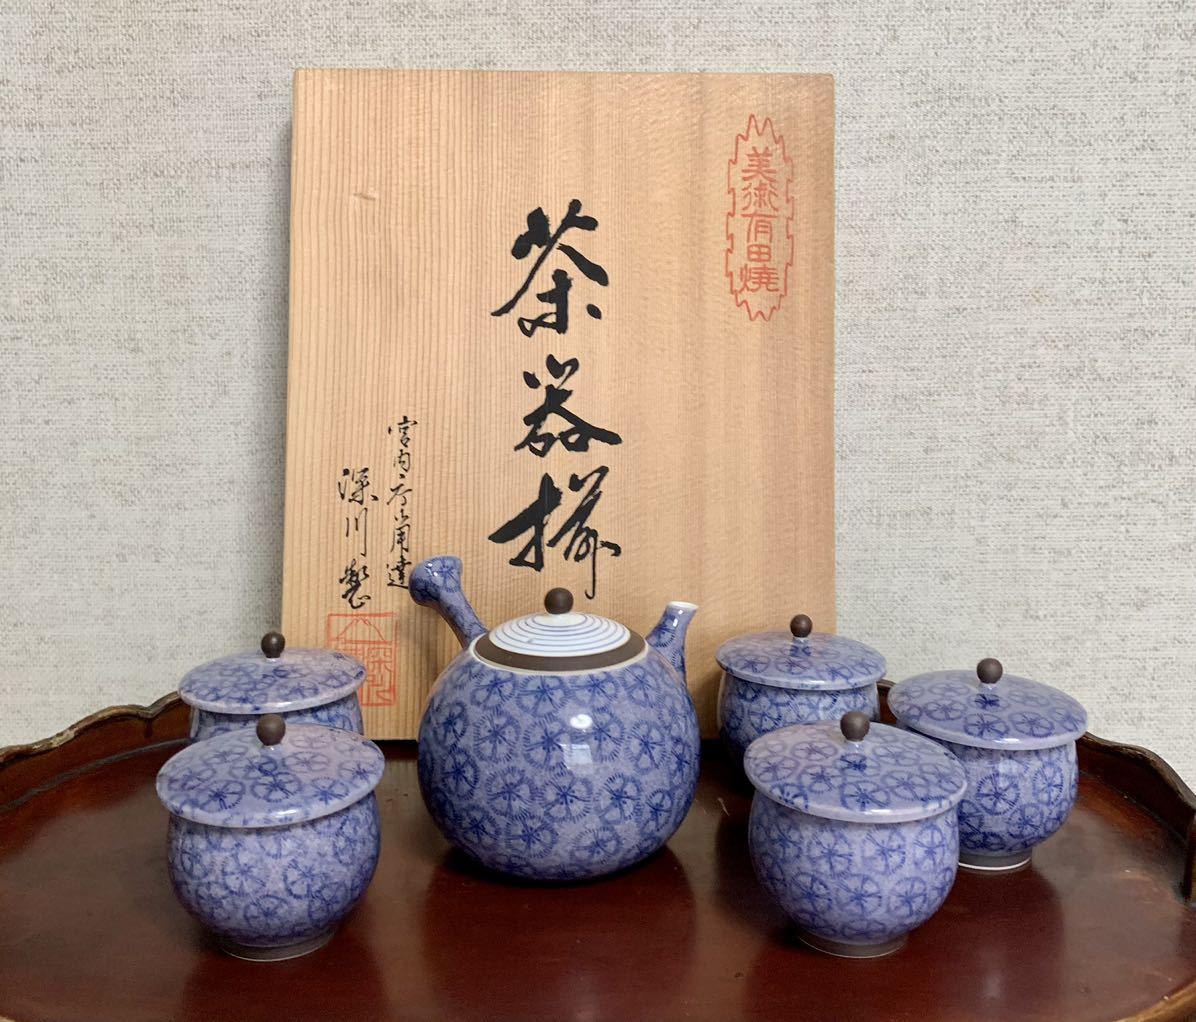 深川製磁 百年庵茶器セット _画像1